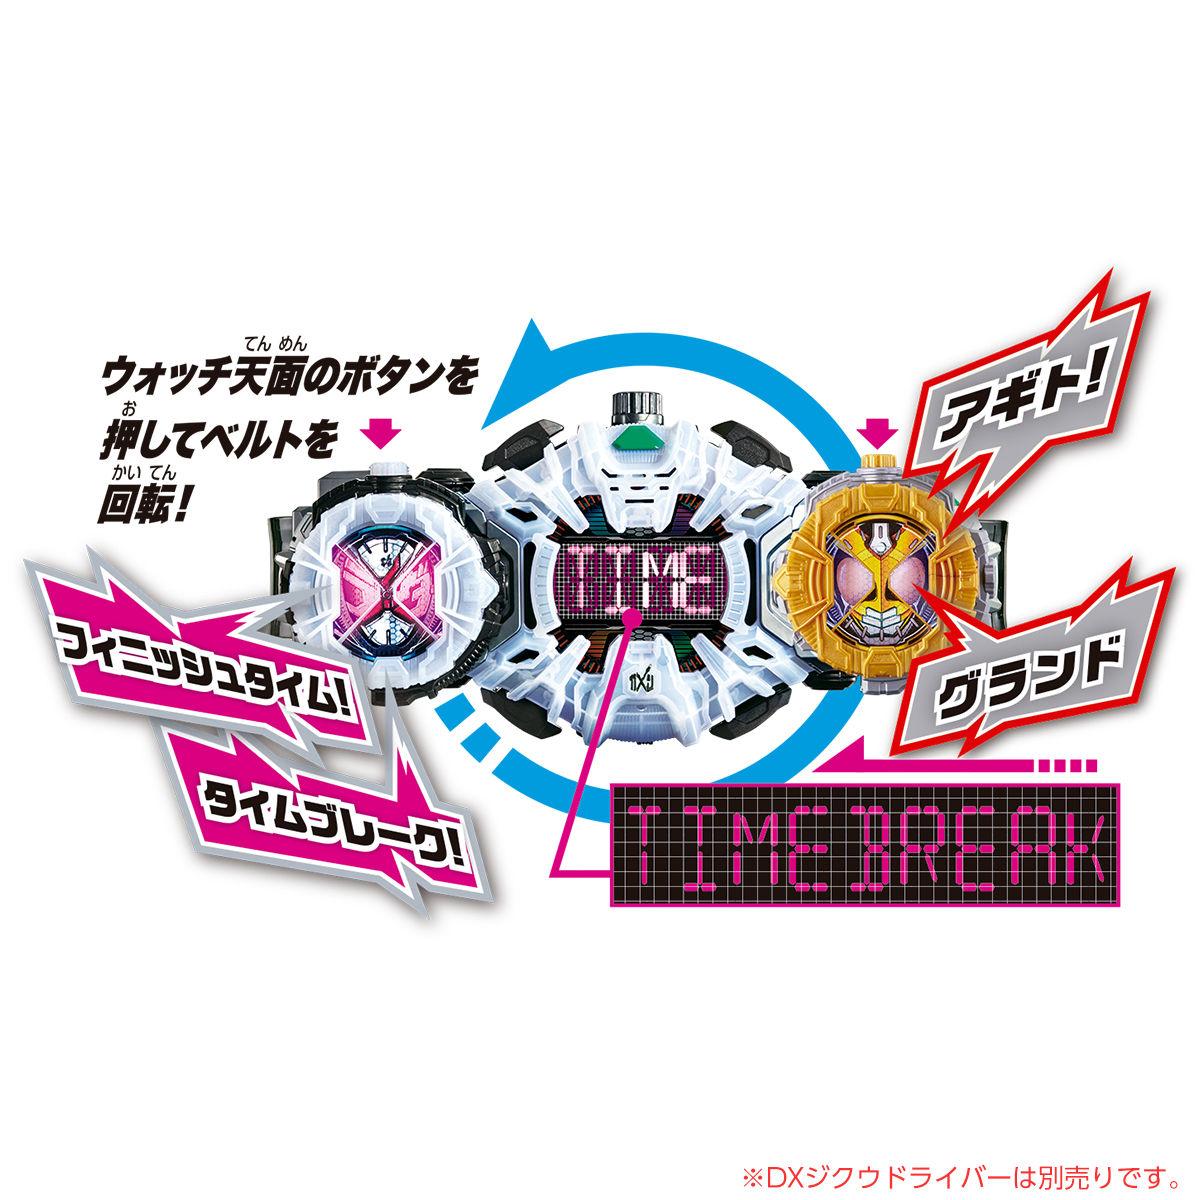 仮面ライダージオウ『DXアギトライドウォッチ』変身なりきり-005